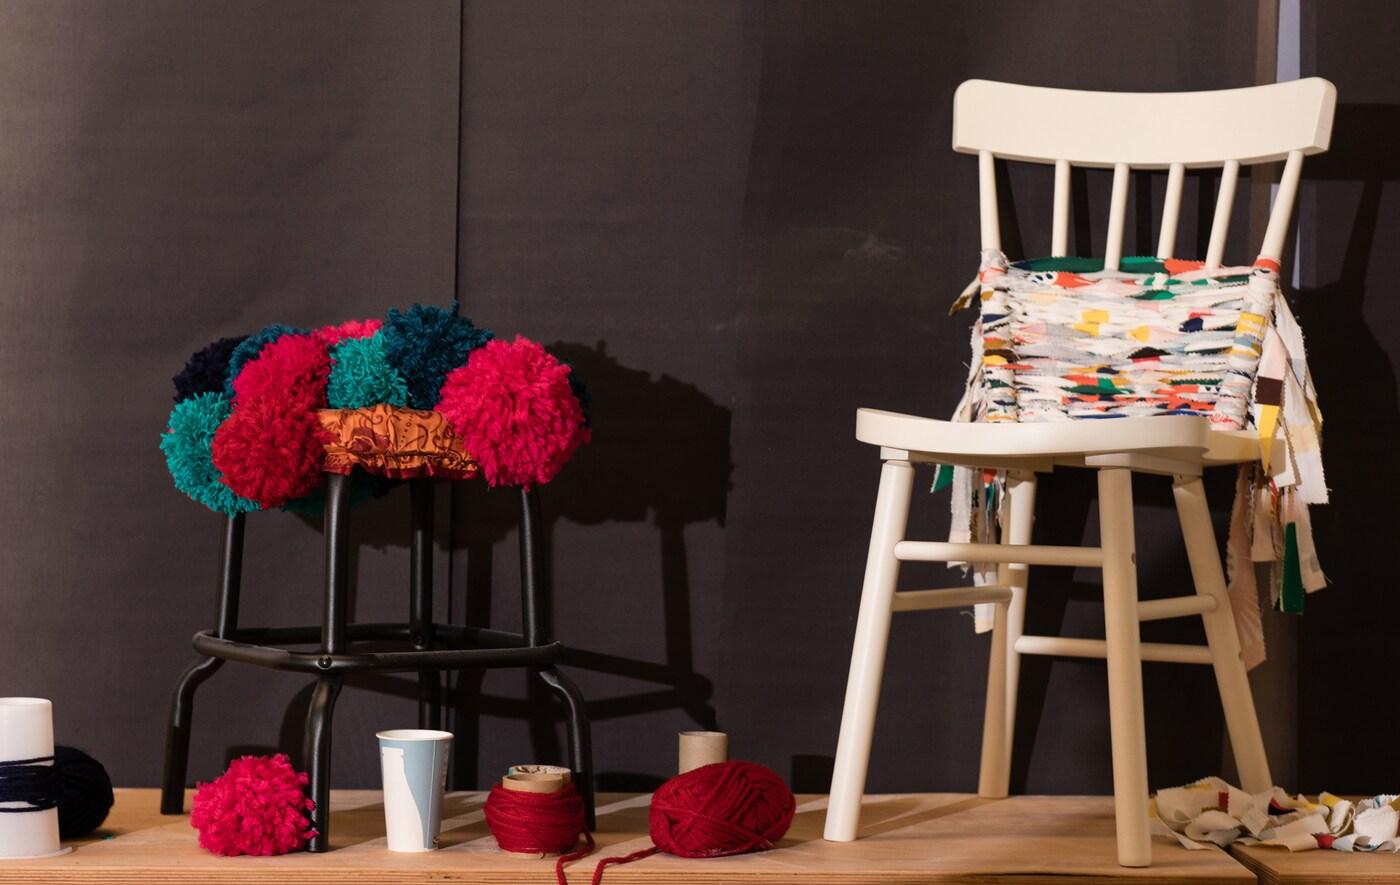 Černá stolička, židle zdobená zbytky látek